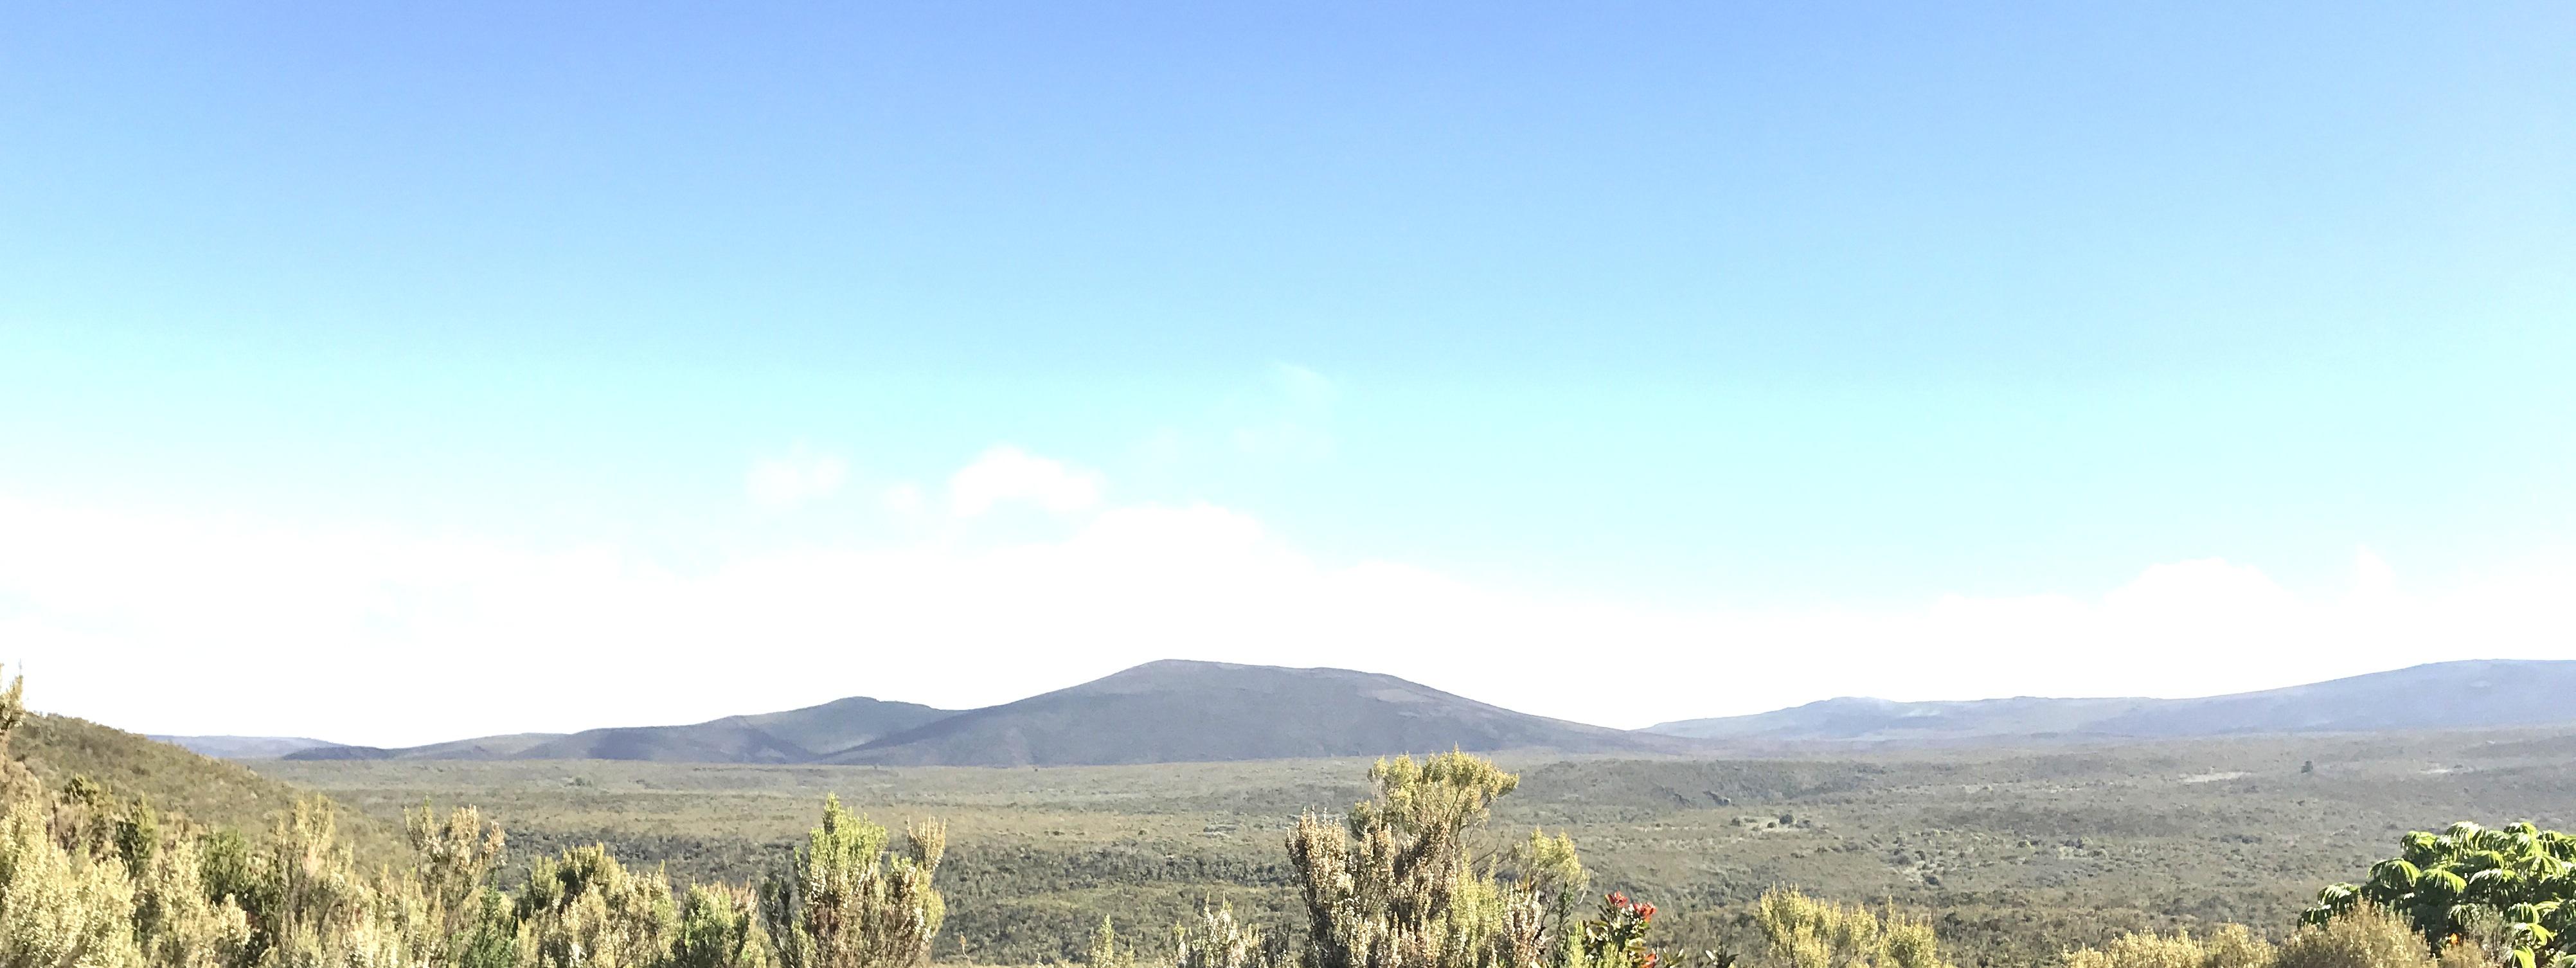 Day 2 landscape